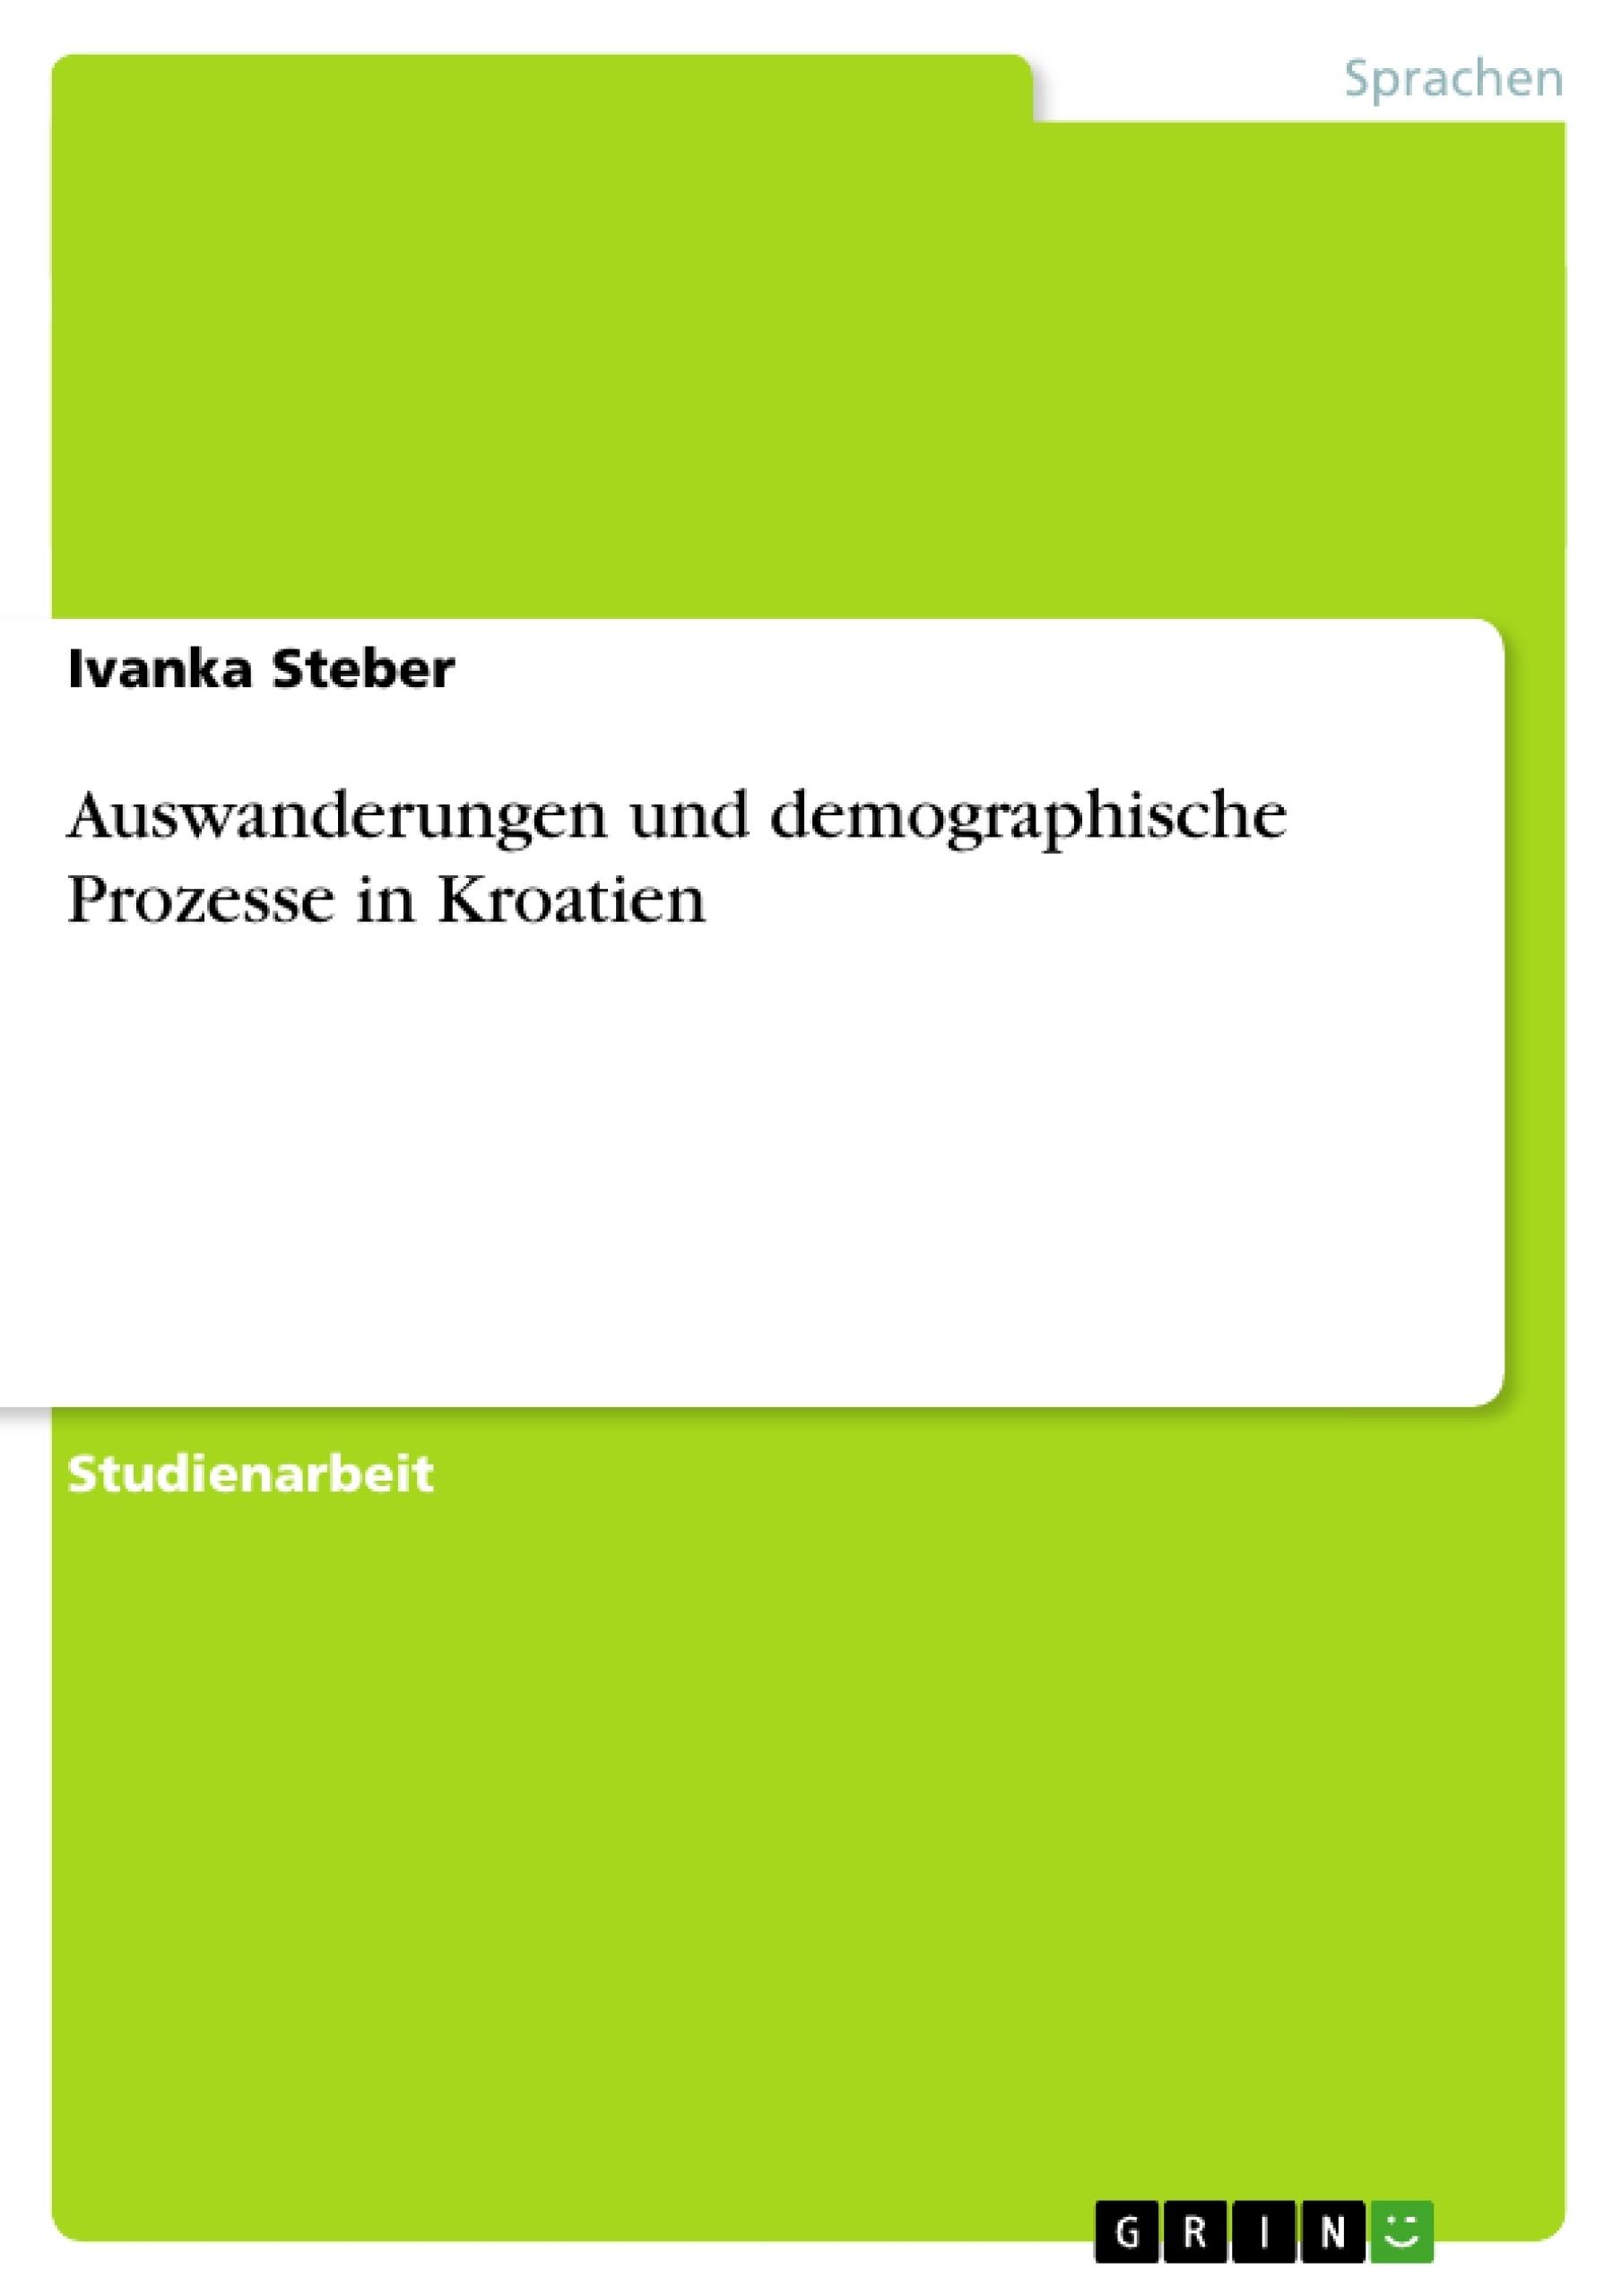 Titel: Auswanderungen und demographische Prozesse in Kroatien